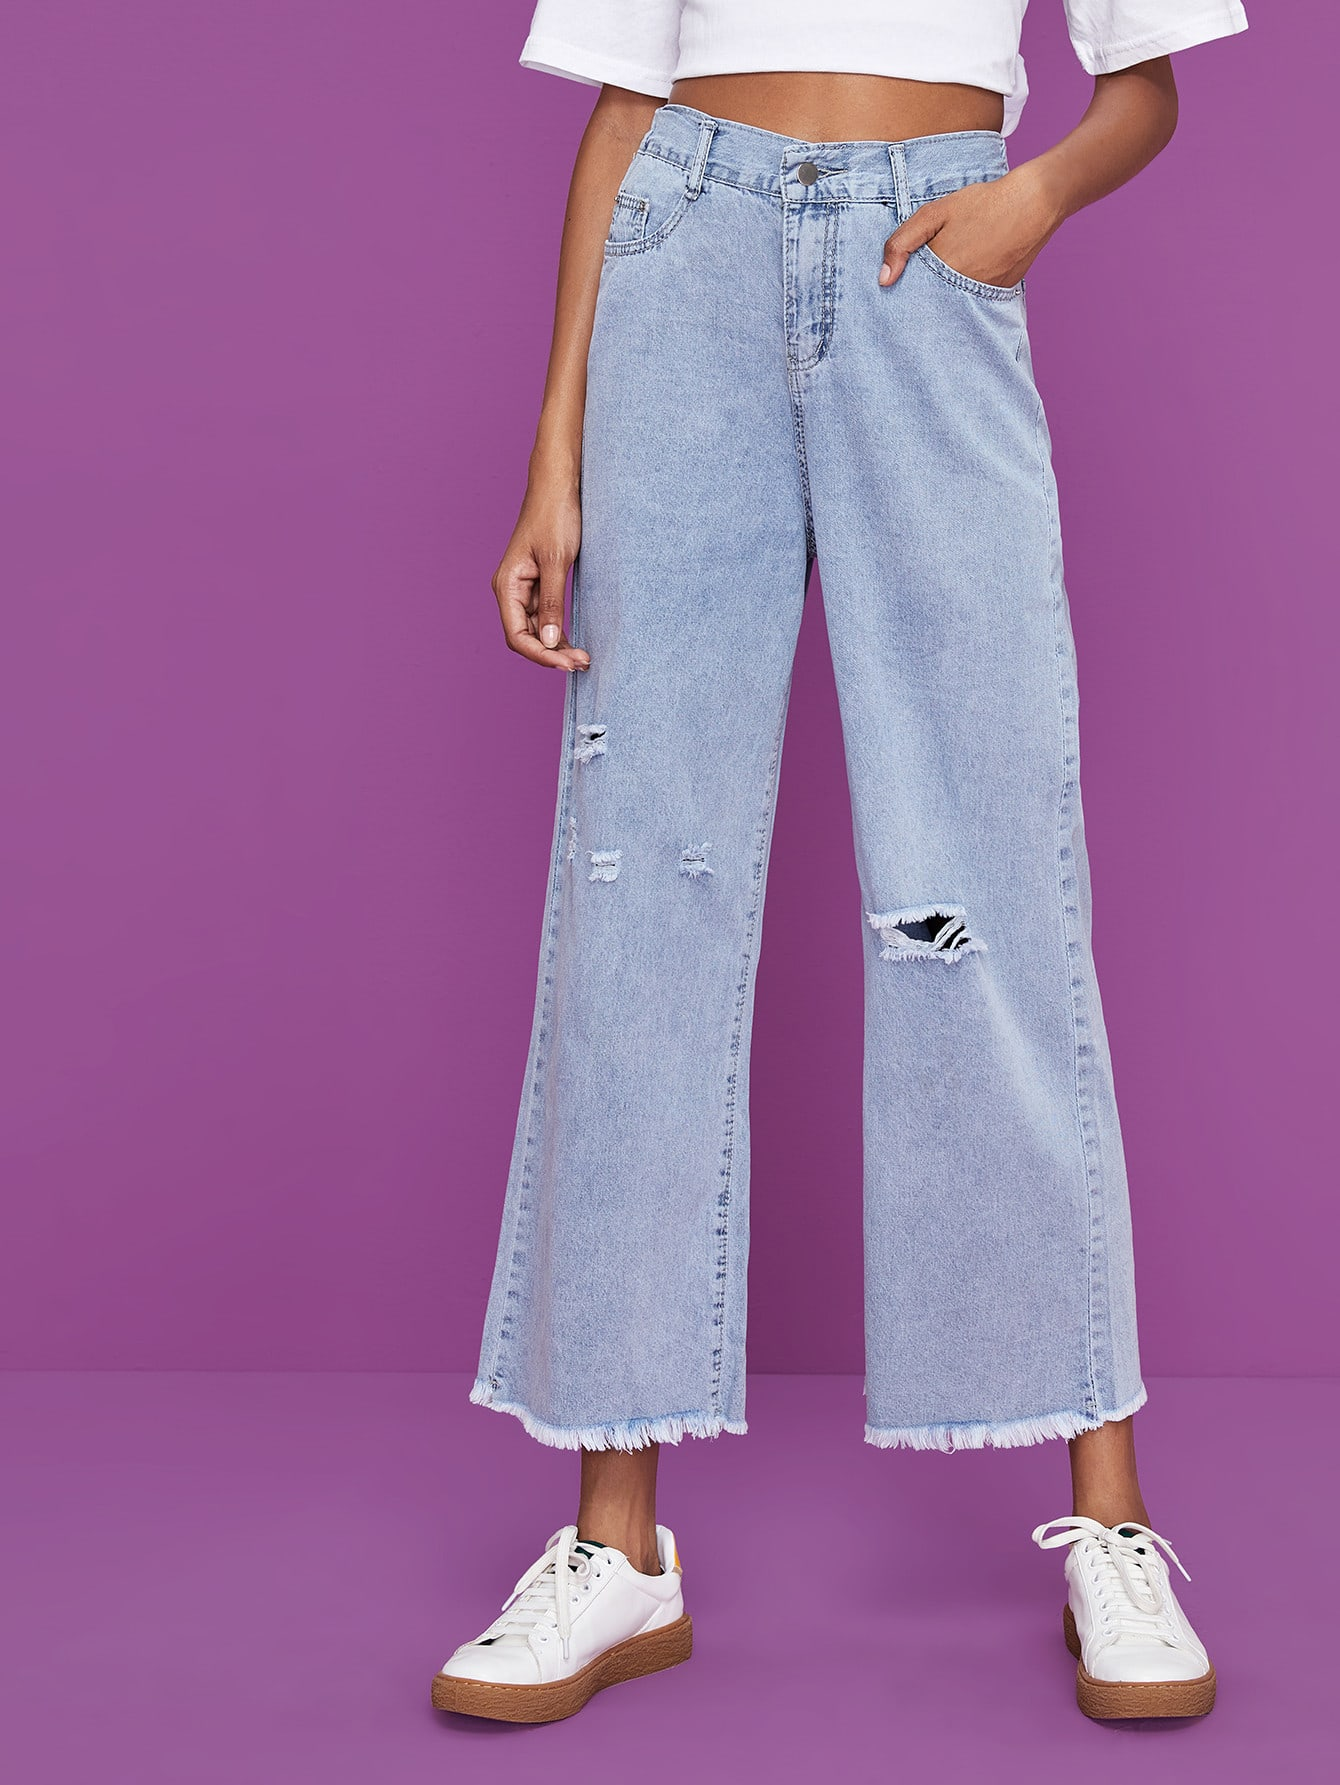 Рваные широкие джинсы с необработанным низом